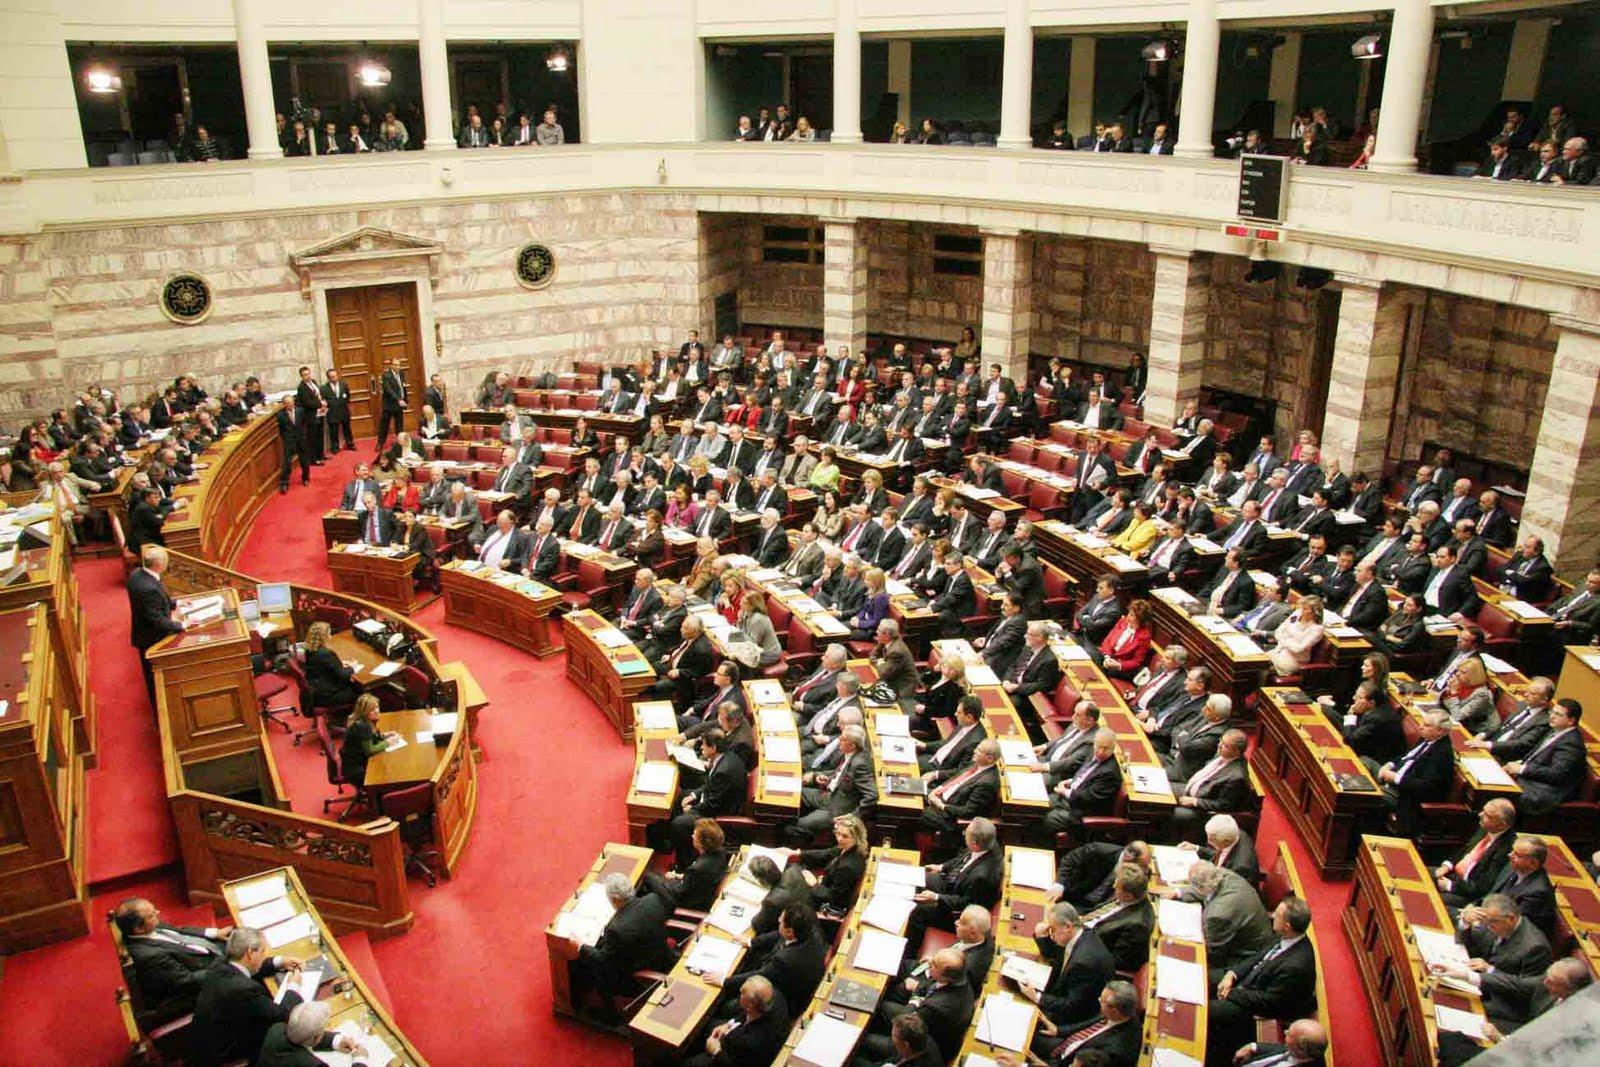 Ελλάδα: Ξεκίνησε στη Βουλή η συζήτηση για τον προϋπολογισμό του 2020